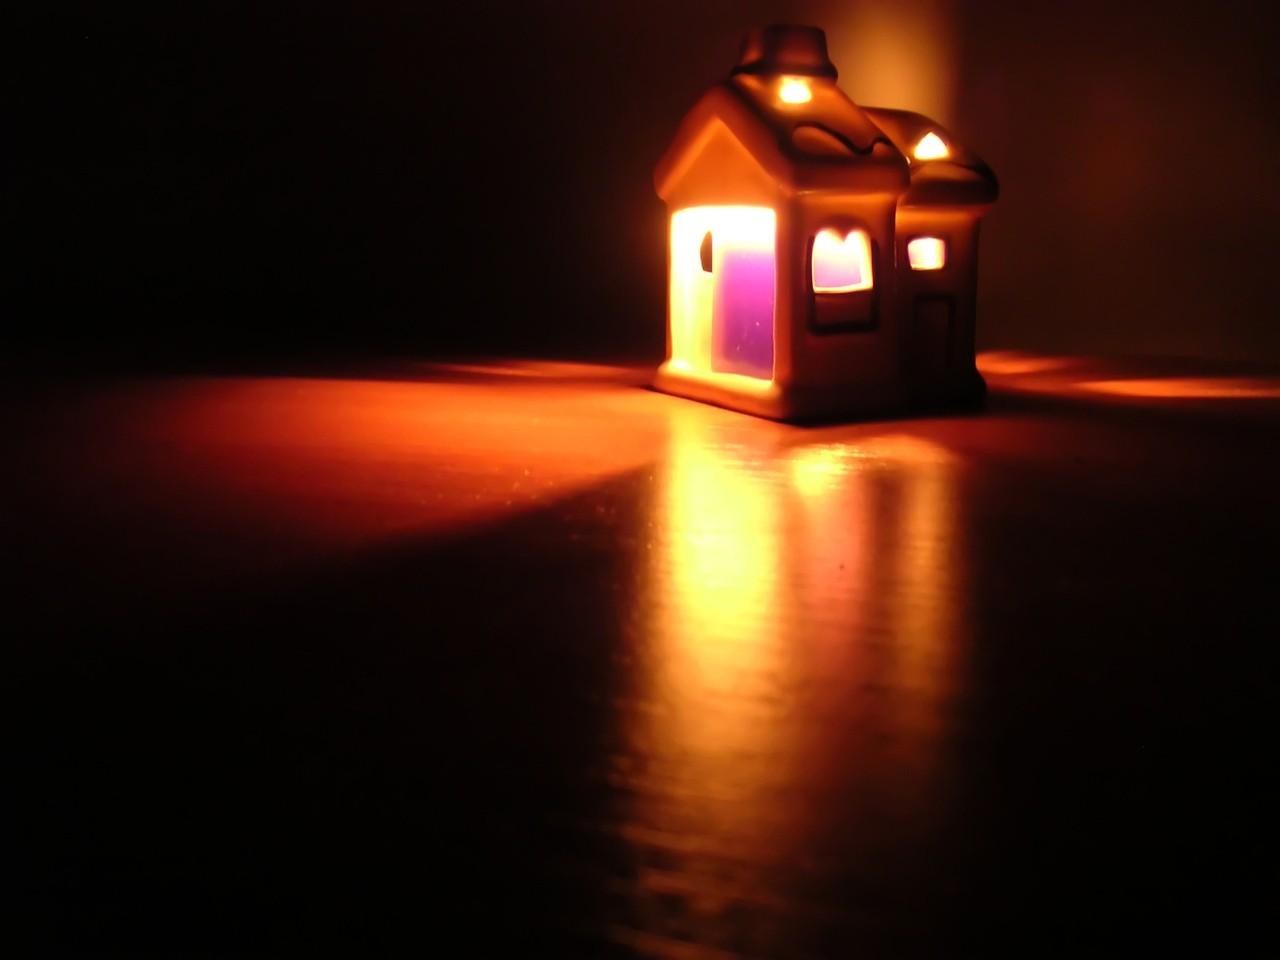 Pompy ciepła jako alternatywne źródło energii dla naszego domu